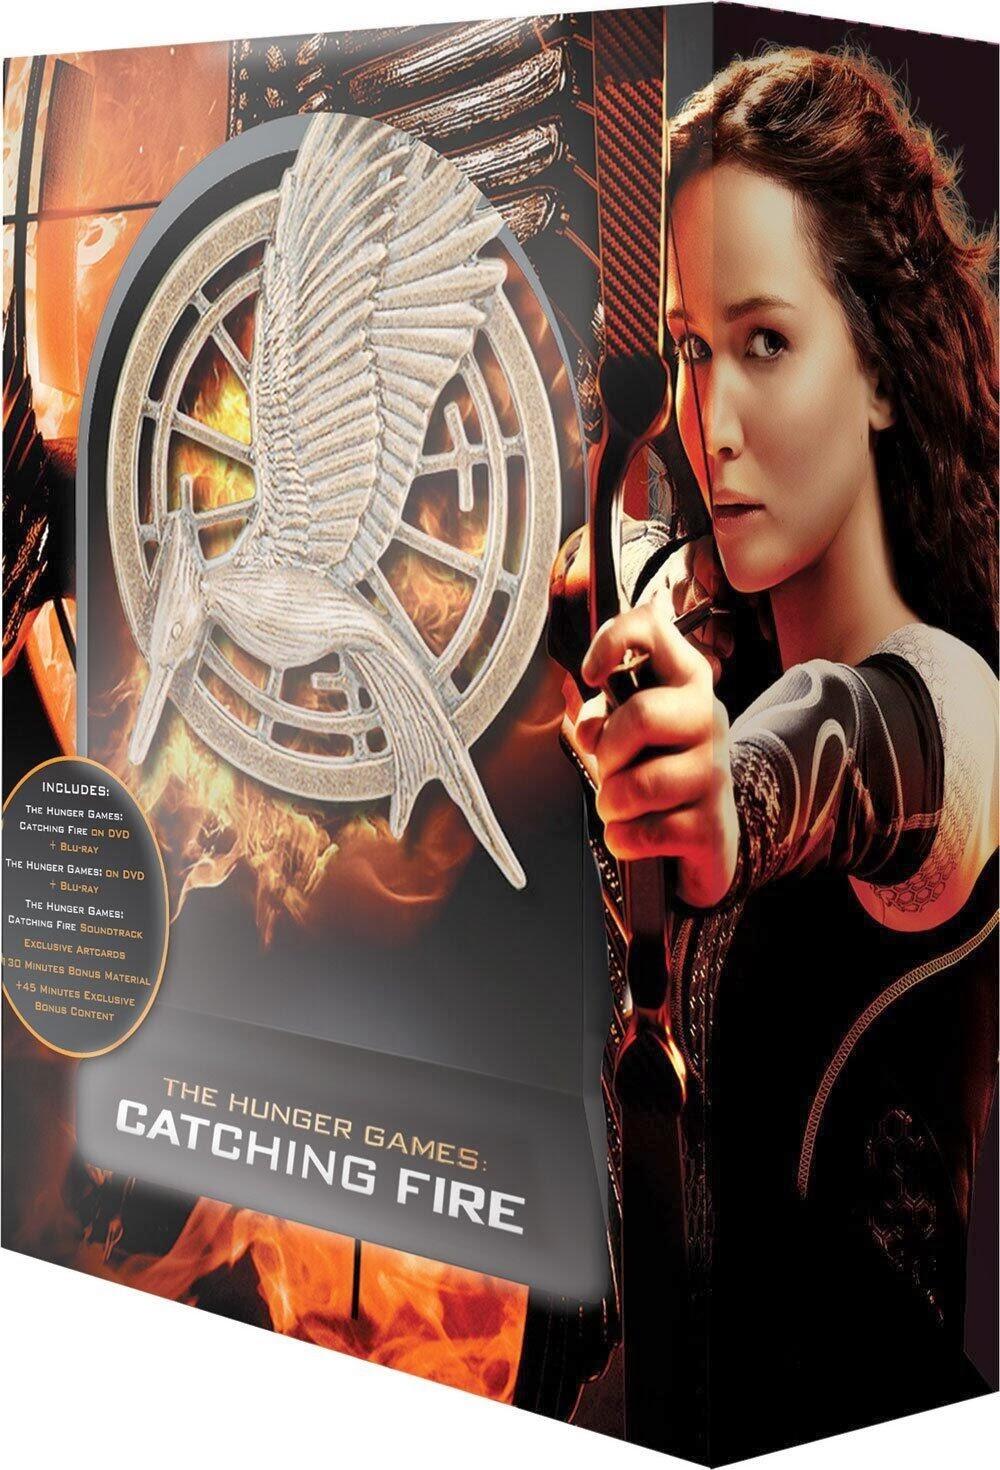 Jennifer Lawrence Fansite: information on The Hunger Games ...